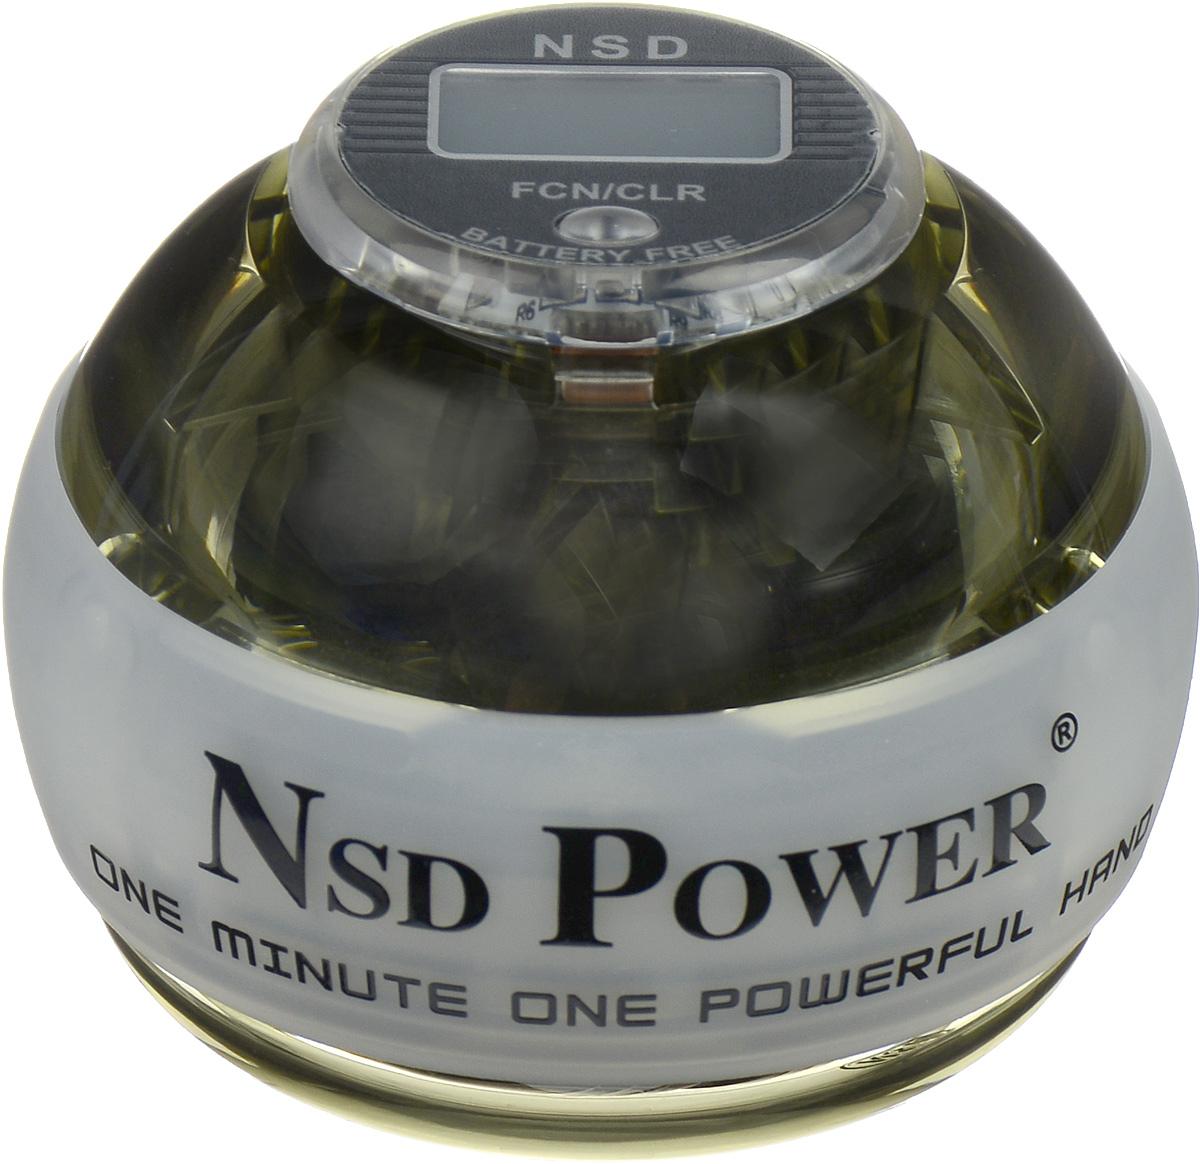 Тренажер кистевой NSD Power Powerball Neon Pro, цвет: белыйGESS-132Кистевой тренажер NSD Power Powerball Neon Pro - новая модель cсчетчиком и подсветкой. Тренажер изготовлен из более прочногоматериала с системой защиты ротора, предотвращающей егоповреждение при падении шара на твердую поверхность. Он будетслужить вам очень долгое время. Также в эту модель внедрена система сменных колец для быстрогоремонта при повреждении. Новый счетчик со встроеннымгенератором работает без батареек. Прекрасно отрегулированныйротор тренажера с отличным балансом может достигать скоростивращения до 15000 оборотов в минуту. В комплект входят инструкция по использованию и два шнурка дляраскрутки.Стильный тренажер для кисти рук, который можно использовать влюбую свободную минуту. Упражнения, проделываемые регулярно,обеспечат отличную тренировку рук, разработку кисти после травмыу спортсменов и не только. Размер тренажера: 7 х 8 см.